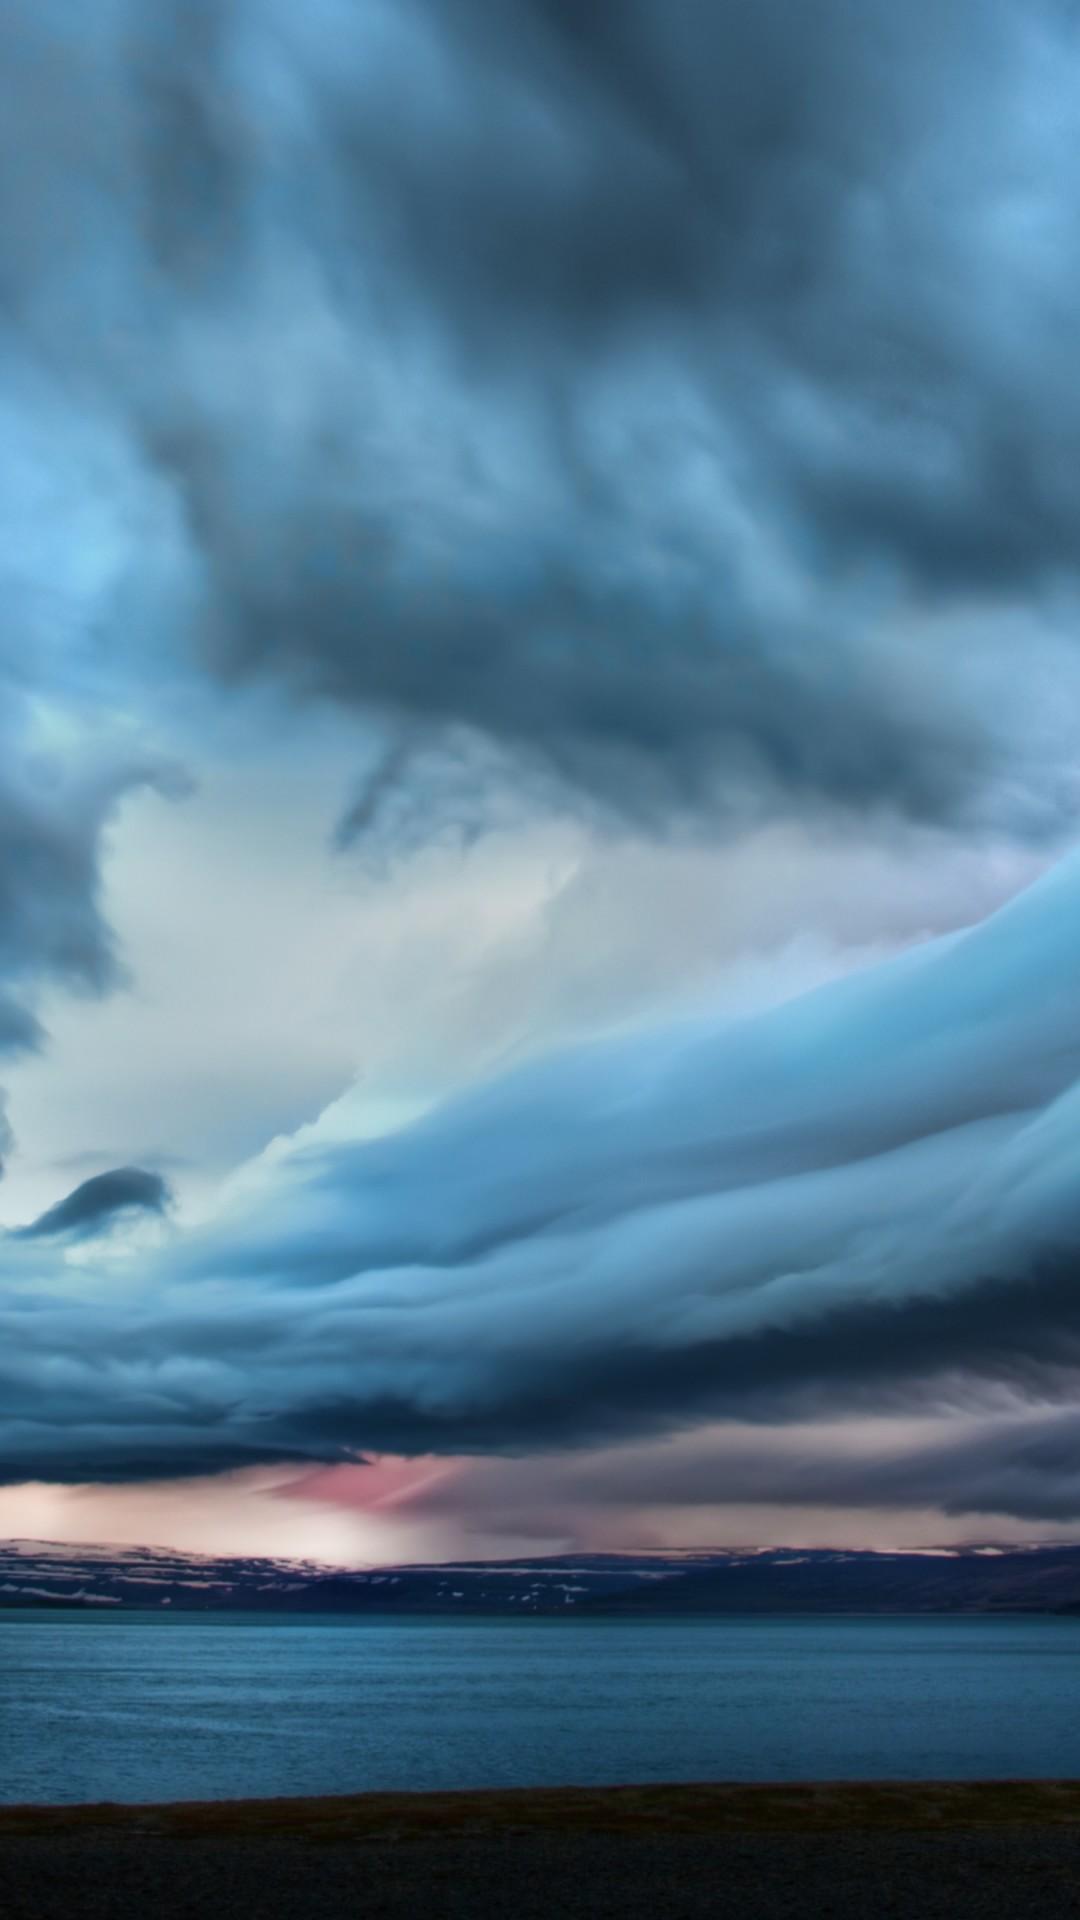 Wallpaper Clouds 4k Hd Wallpaper Sky Iceland Beach